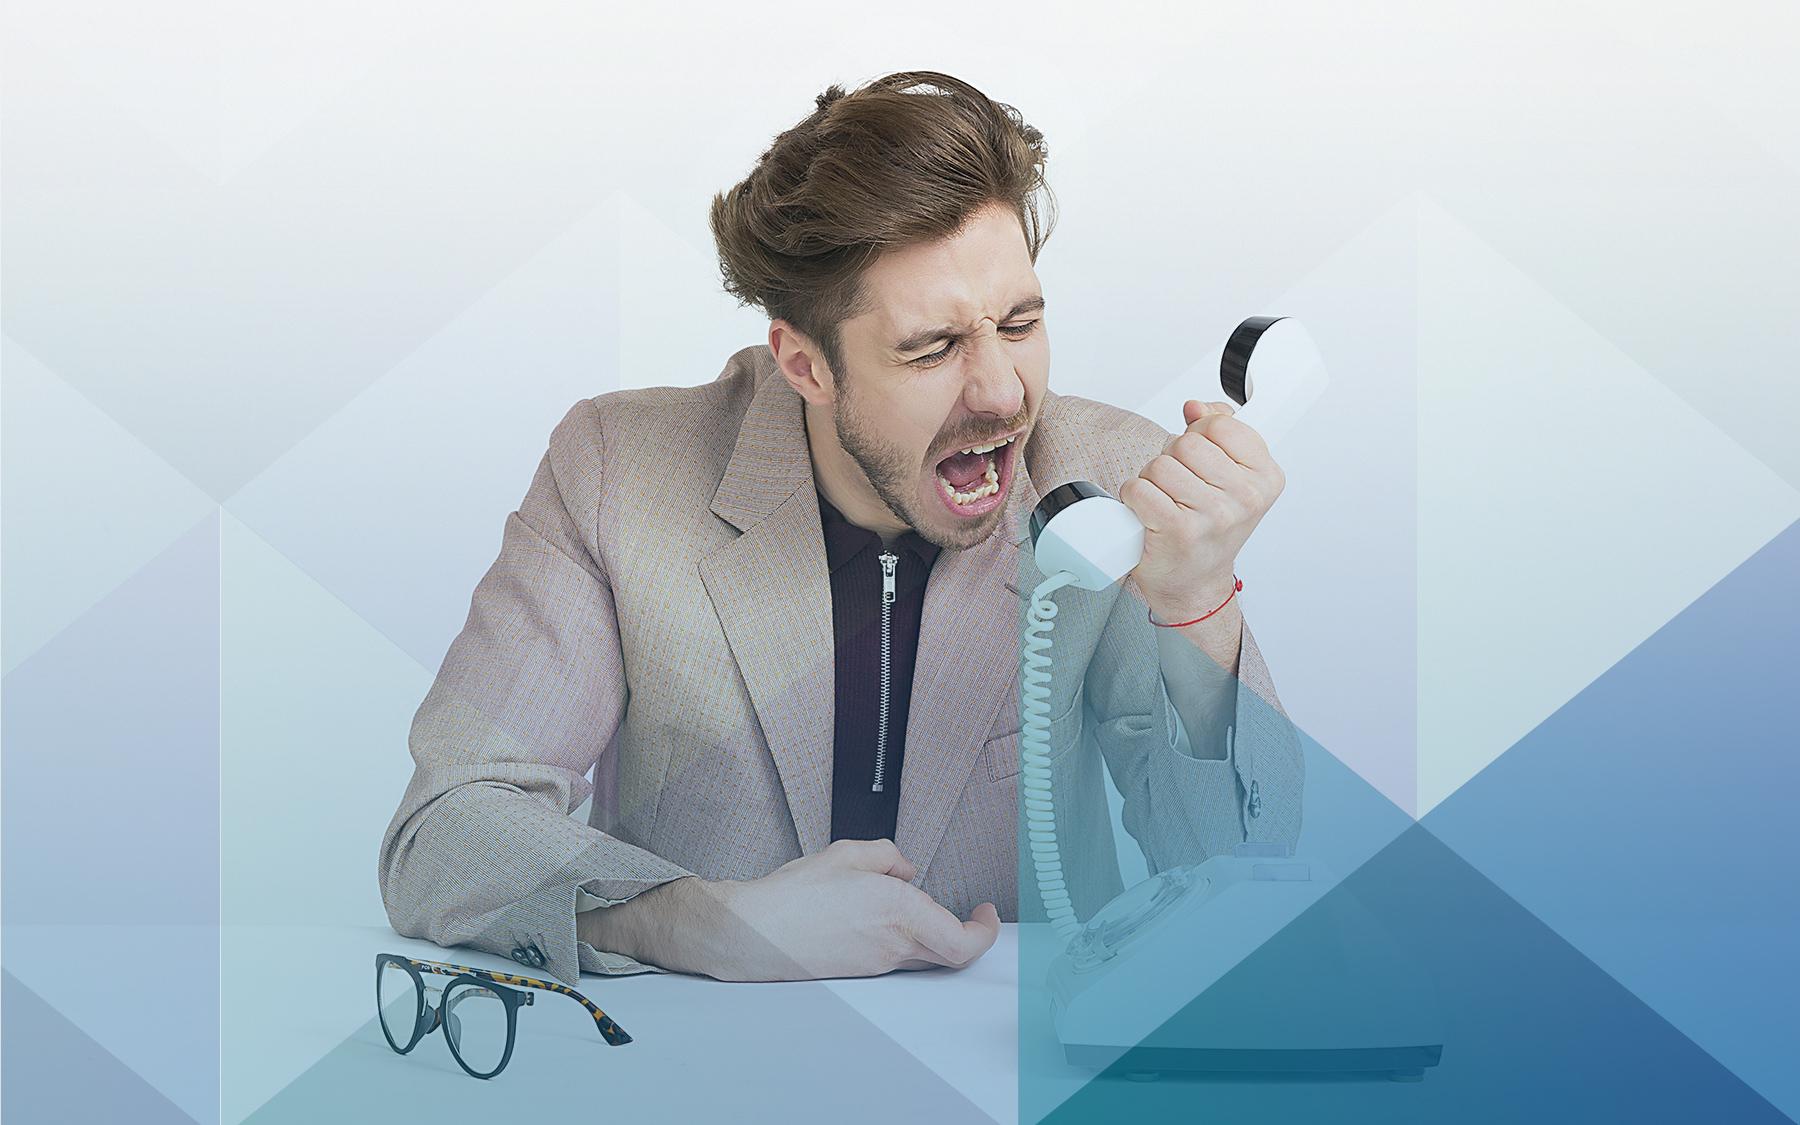 Empresário demitindo em justa causa por agressão